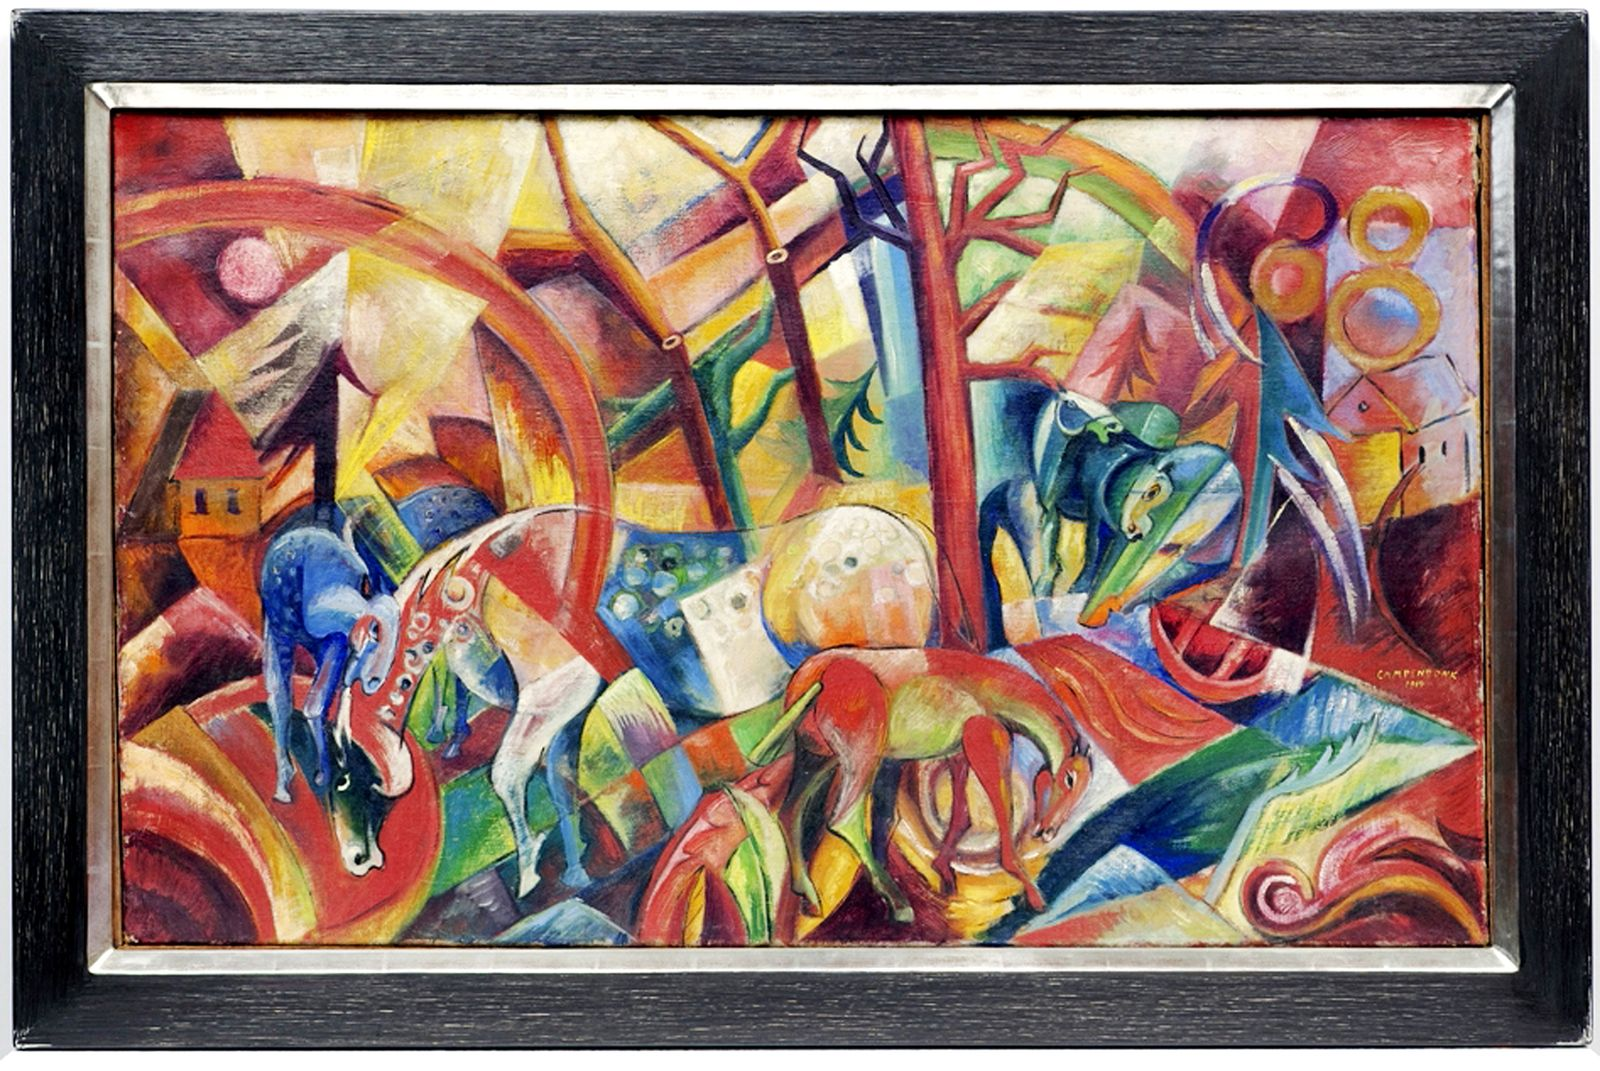 DER SPIEGEL 10/2012 pp 126 SPIN / Beltracchi / Rotes Bild mit Pferden